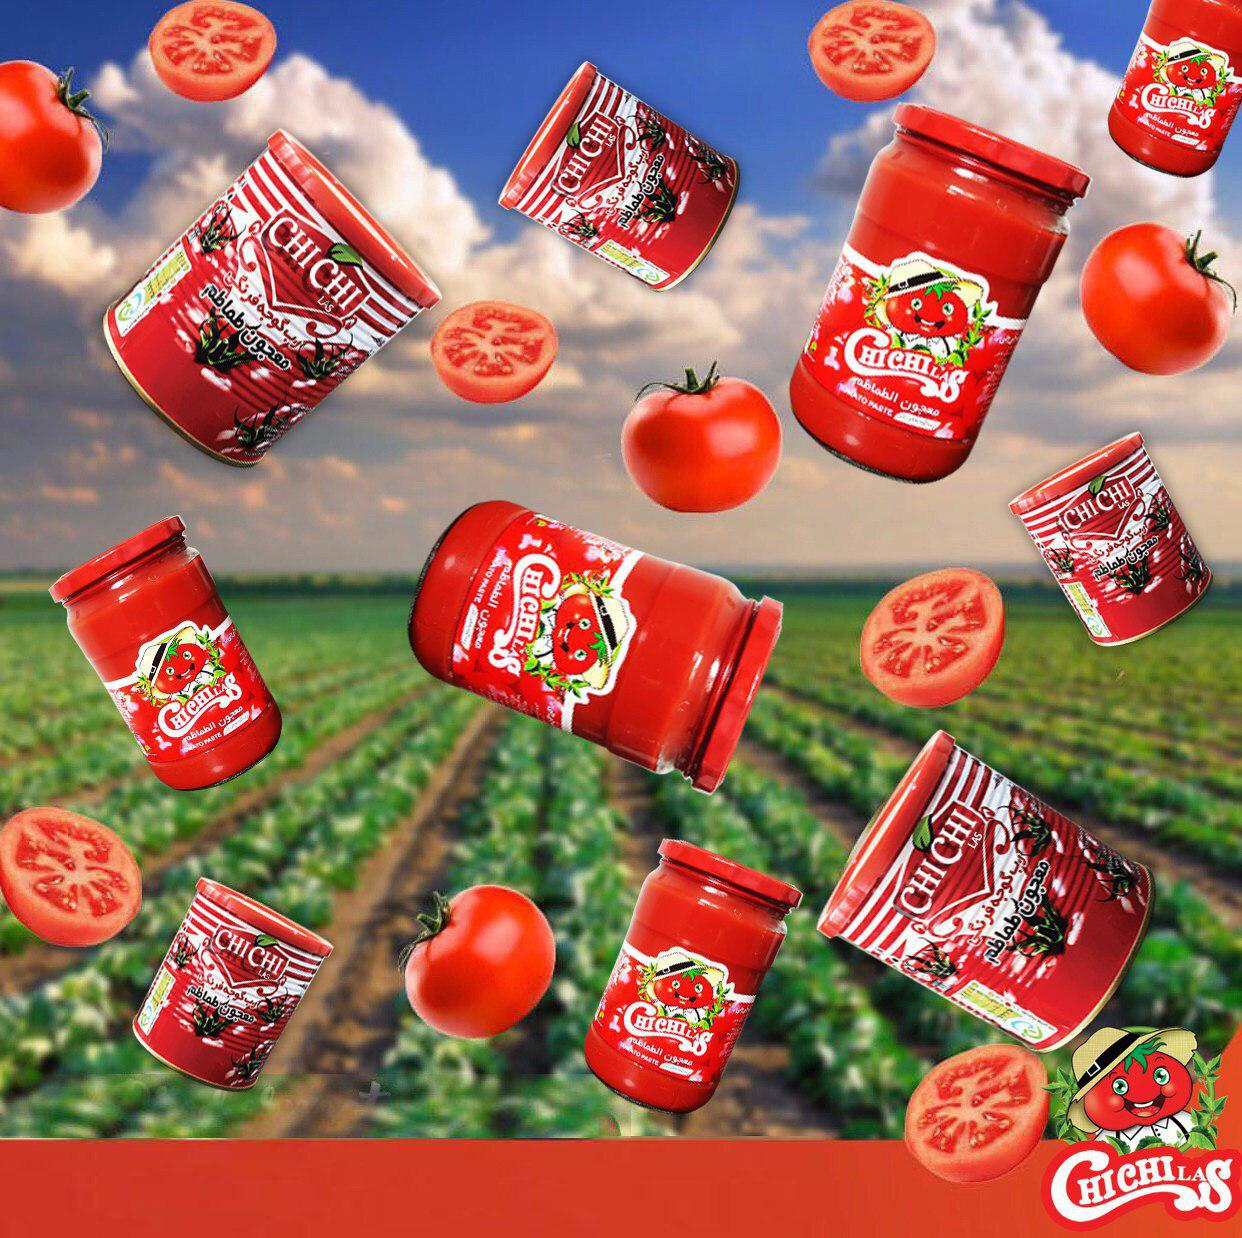 رب گوجه فرنگی ارزان چی چی لاس